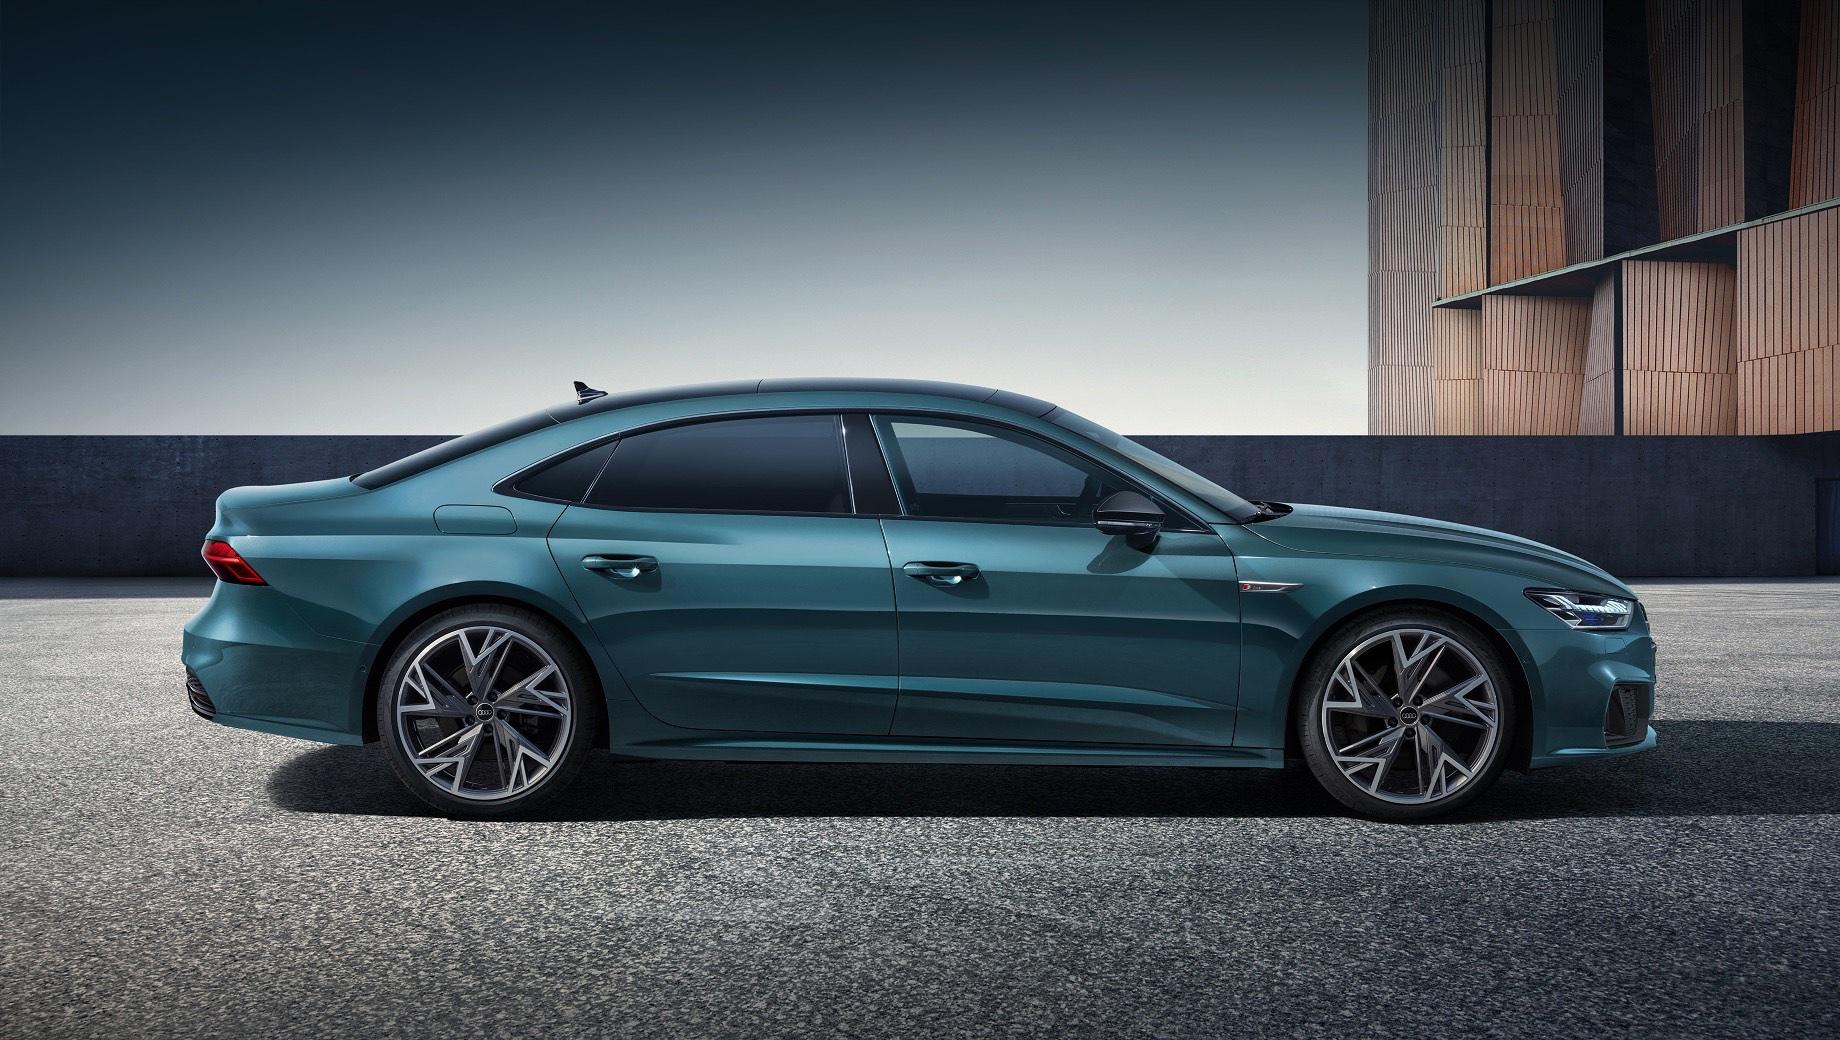 Audi a7 l,Audi a7 sportback. Автомобиль разработан силами совместного предприятия SAIC-VW и будет собираться на заводе в Шанхае. Тираж автомобилей в приветственной серии не превысит тысячи штук. Также в гамме ожидаются версии с двухлитровым турбомотором на 190 и 245 сил.